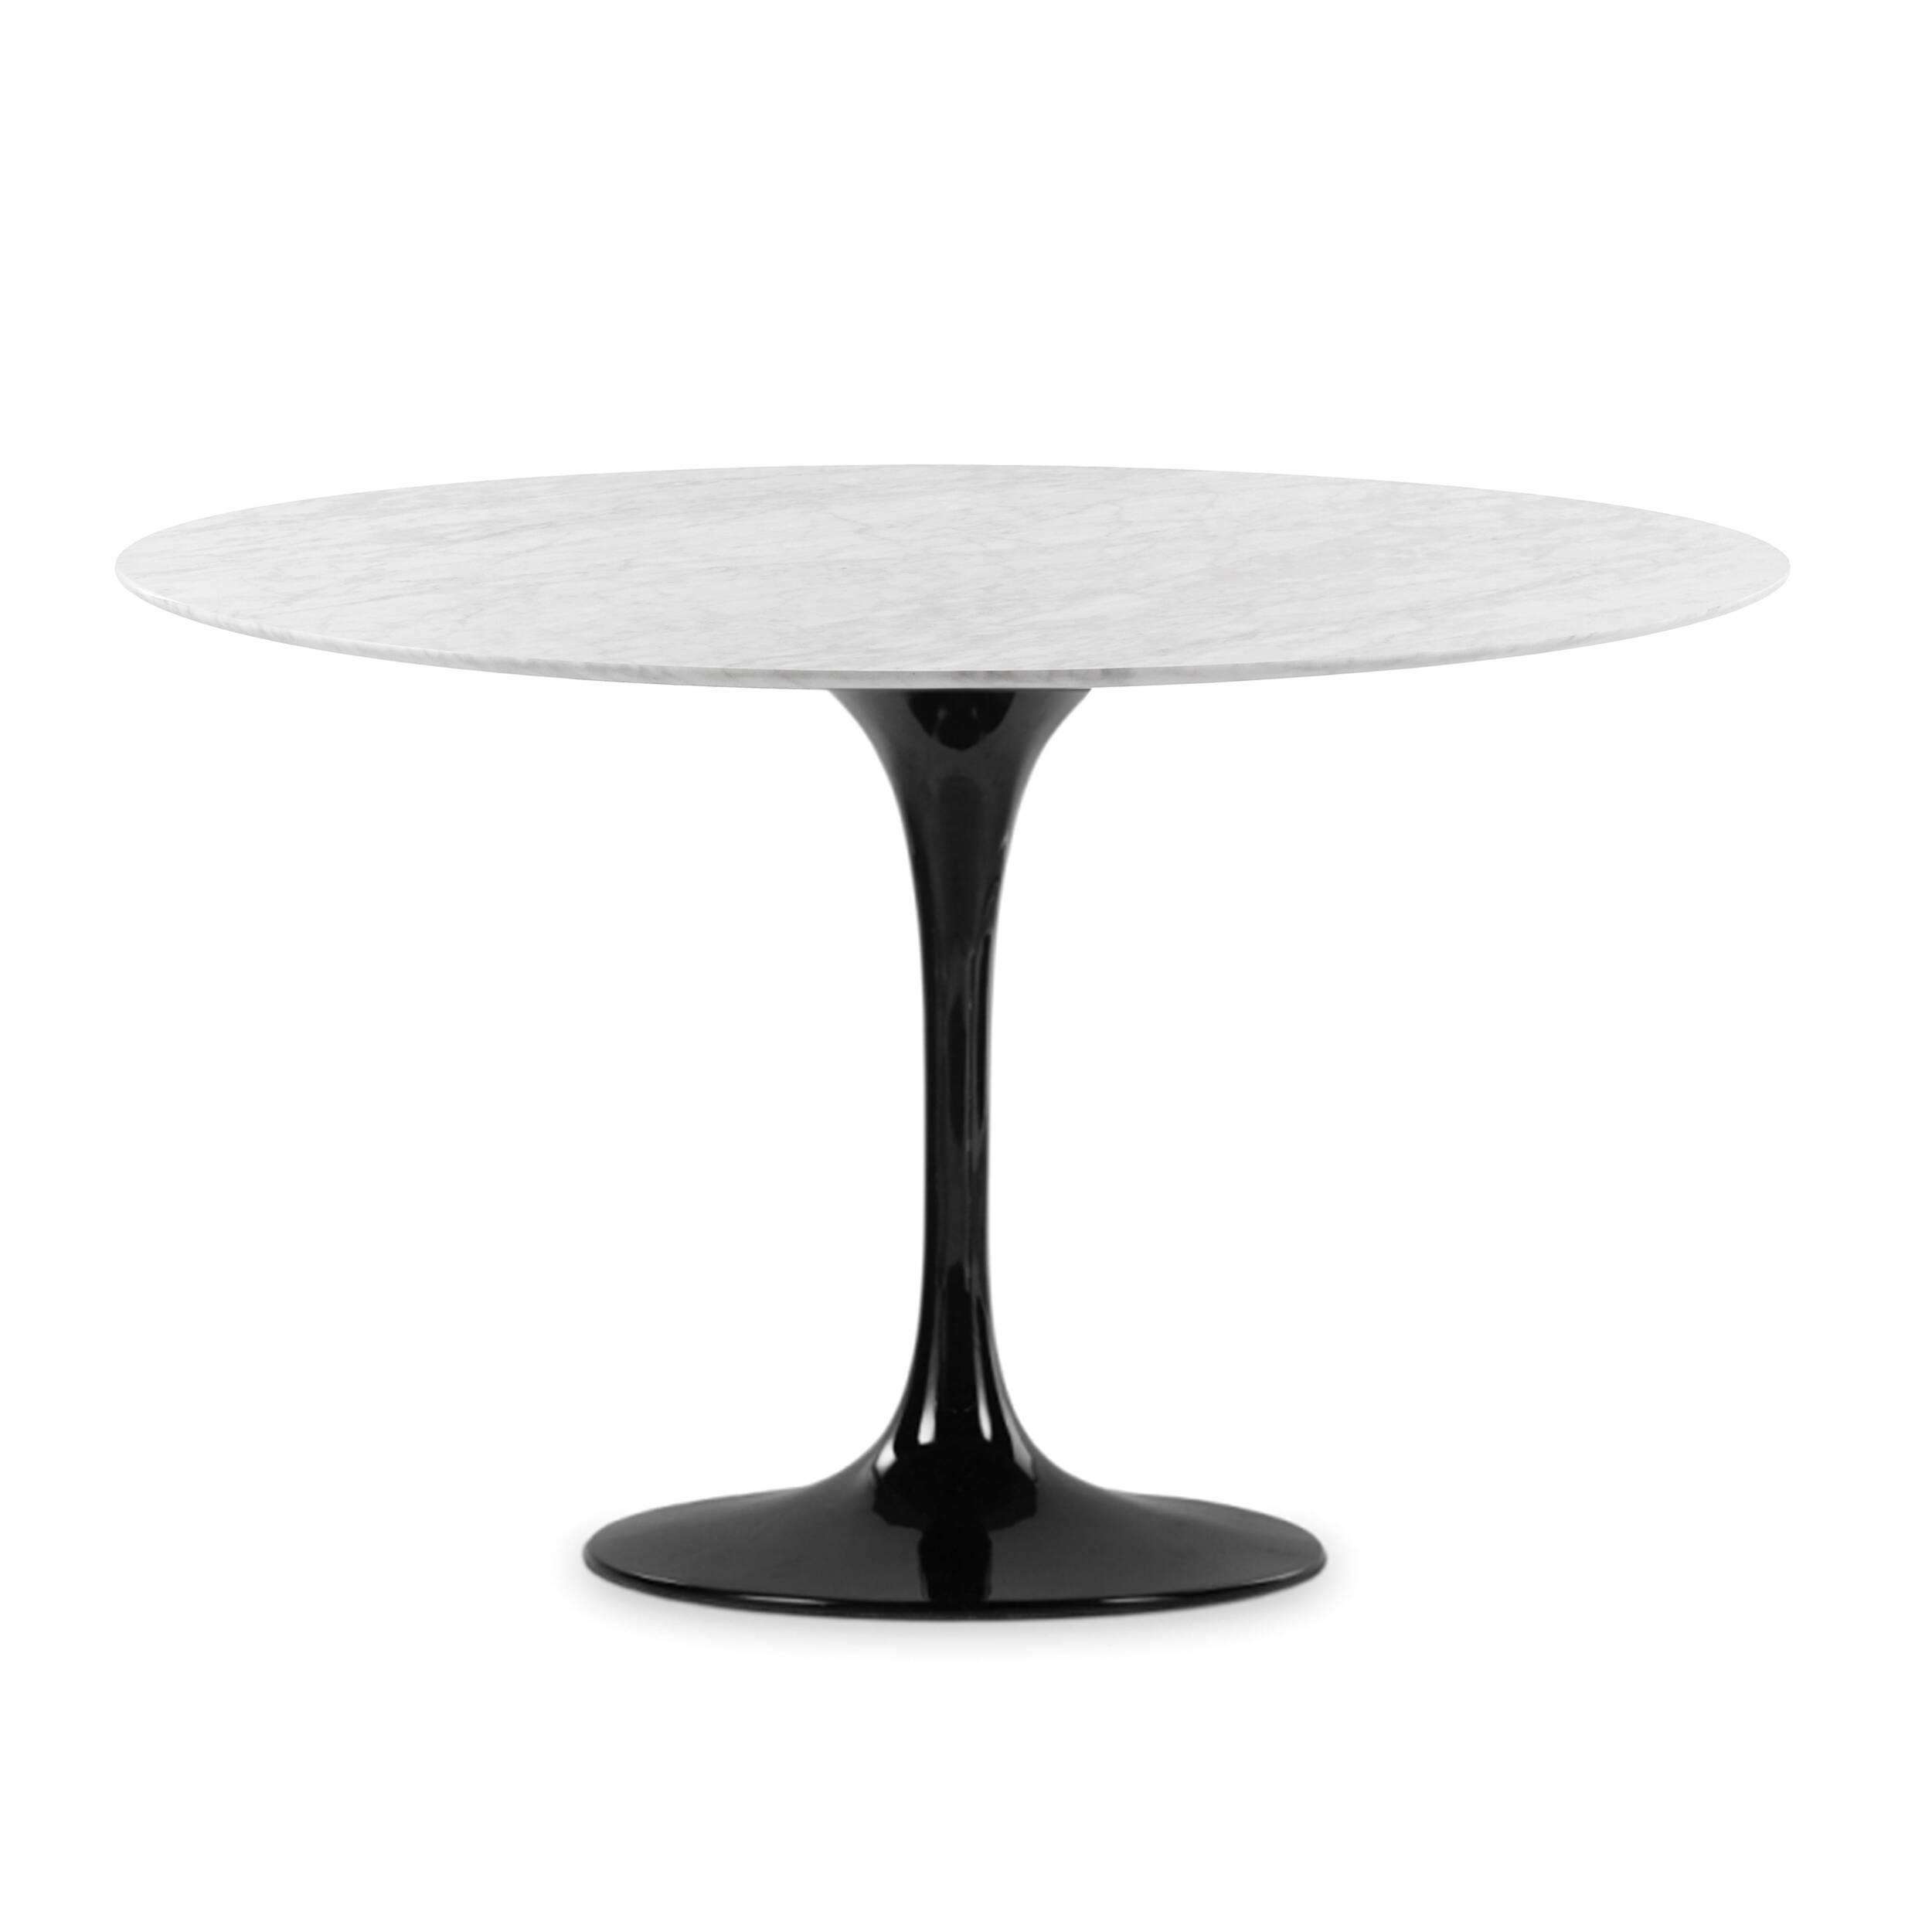 Обеденный стол Tulip диаметр 122Обеденные<br>Дизайнерская глянцевый белый обеденный стол Tulip (Тулип) овальный на одной ножке с мраморной столещницей от Cosmo (Космо).У каждого знаменитого дизайнера прошлого столетия есть своя «формула вечного дизайна», а значит, есть и произведения дизайнерского искусства, которые уже много лет не выходят из моды, не теряют своей актуальности и востребованы по сей день. Стол Tulip как раз был разработан при помощи такой формулы, которую вывел Ээро Сааринен. Изящная ножка-тюльпан и круглая столешница, ...<br><br>stock: 0<br>Высота: 72<br>Диаметр: 122<br>Цвет ножек: Черный глянец<br>Цвет столешницы: Белый<br>Материал столешницы: Мрамор итальянский<br>Тип материала столешницы: Мрамор<br>Тип материала ножек: Алюминий